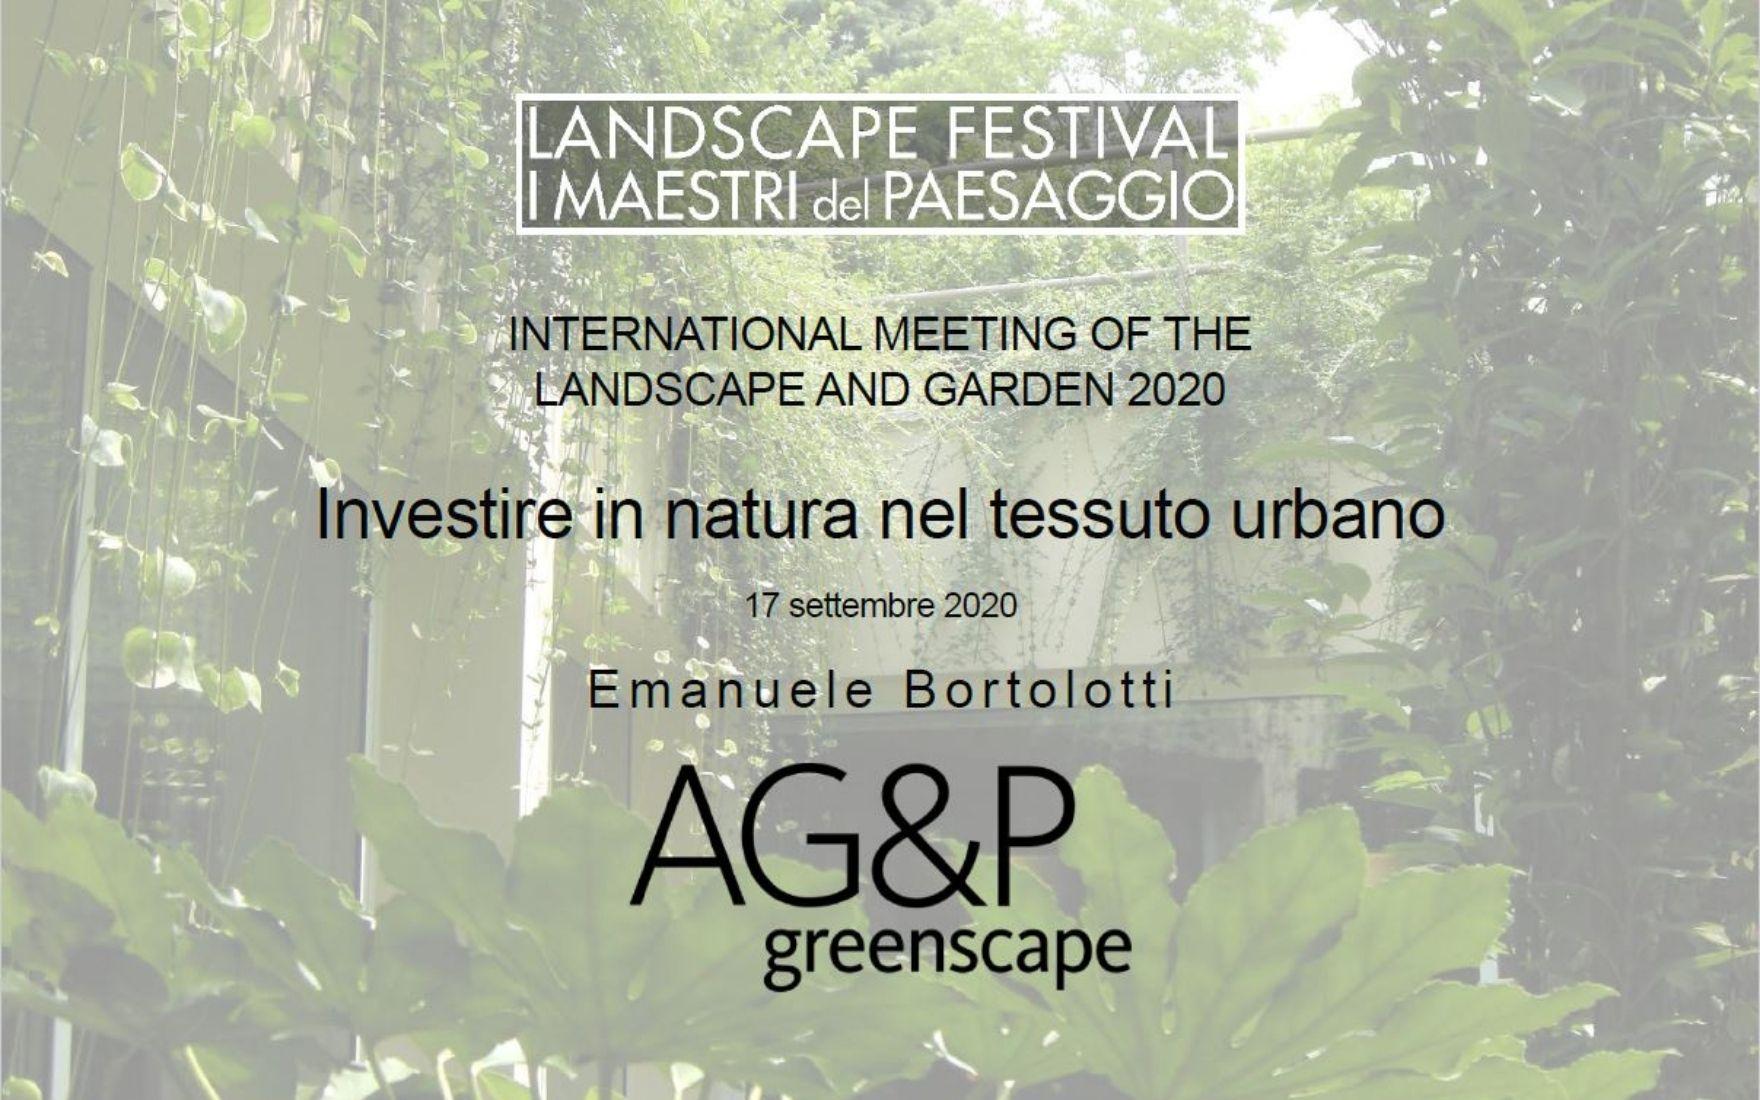 Il video di I Maestri del Paesaggio con Emanuele Bortolotti